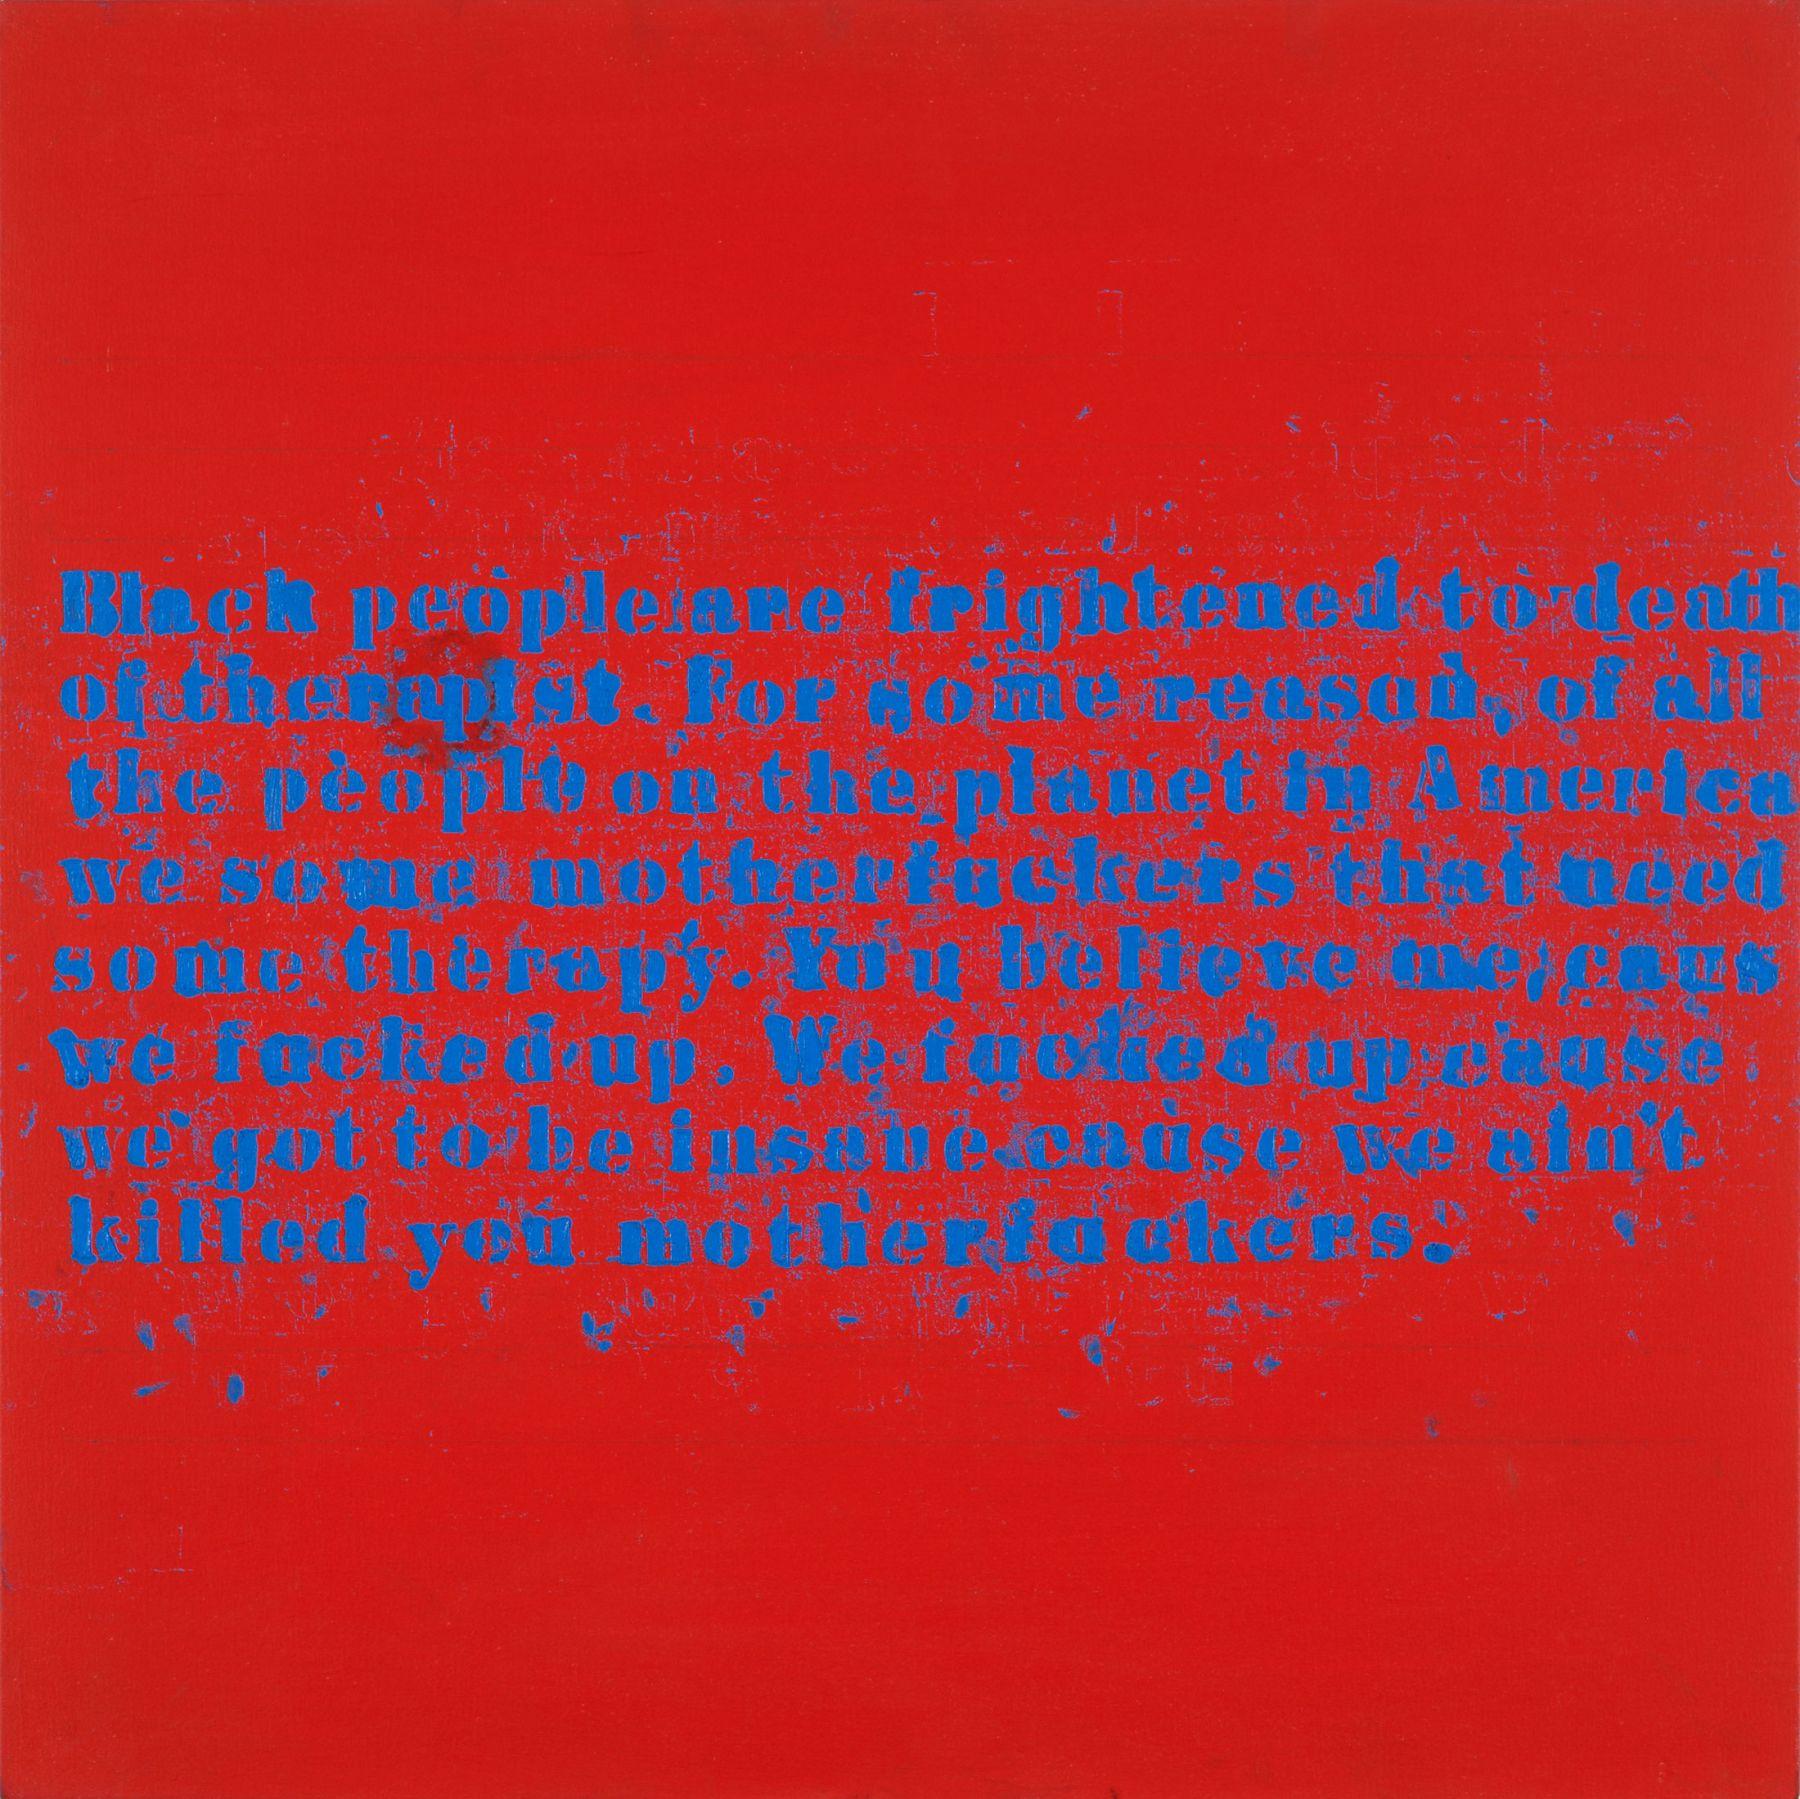 Glenn Ligon Therapy #2, 2004